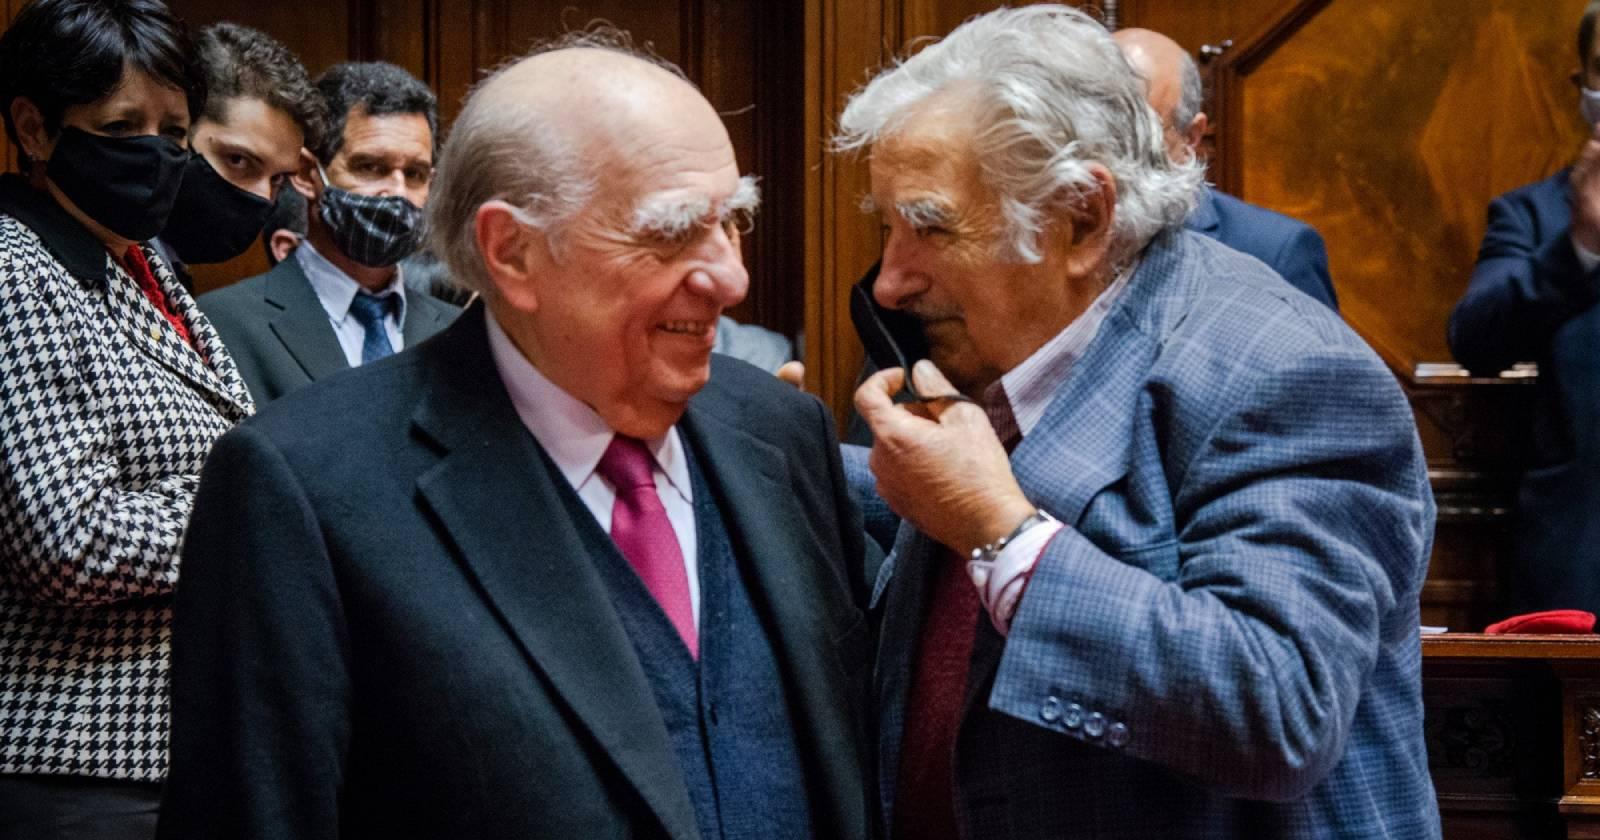 El abrazo entre José Mujica y Julio Sanguinetti que marca el fin de una era política en Uruguay